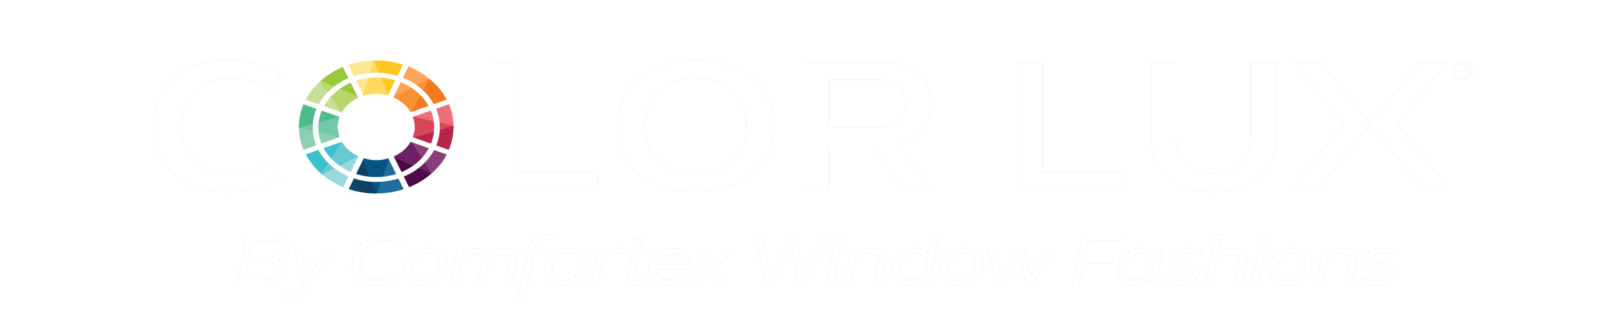 color lux white logo